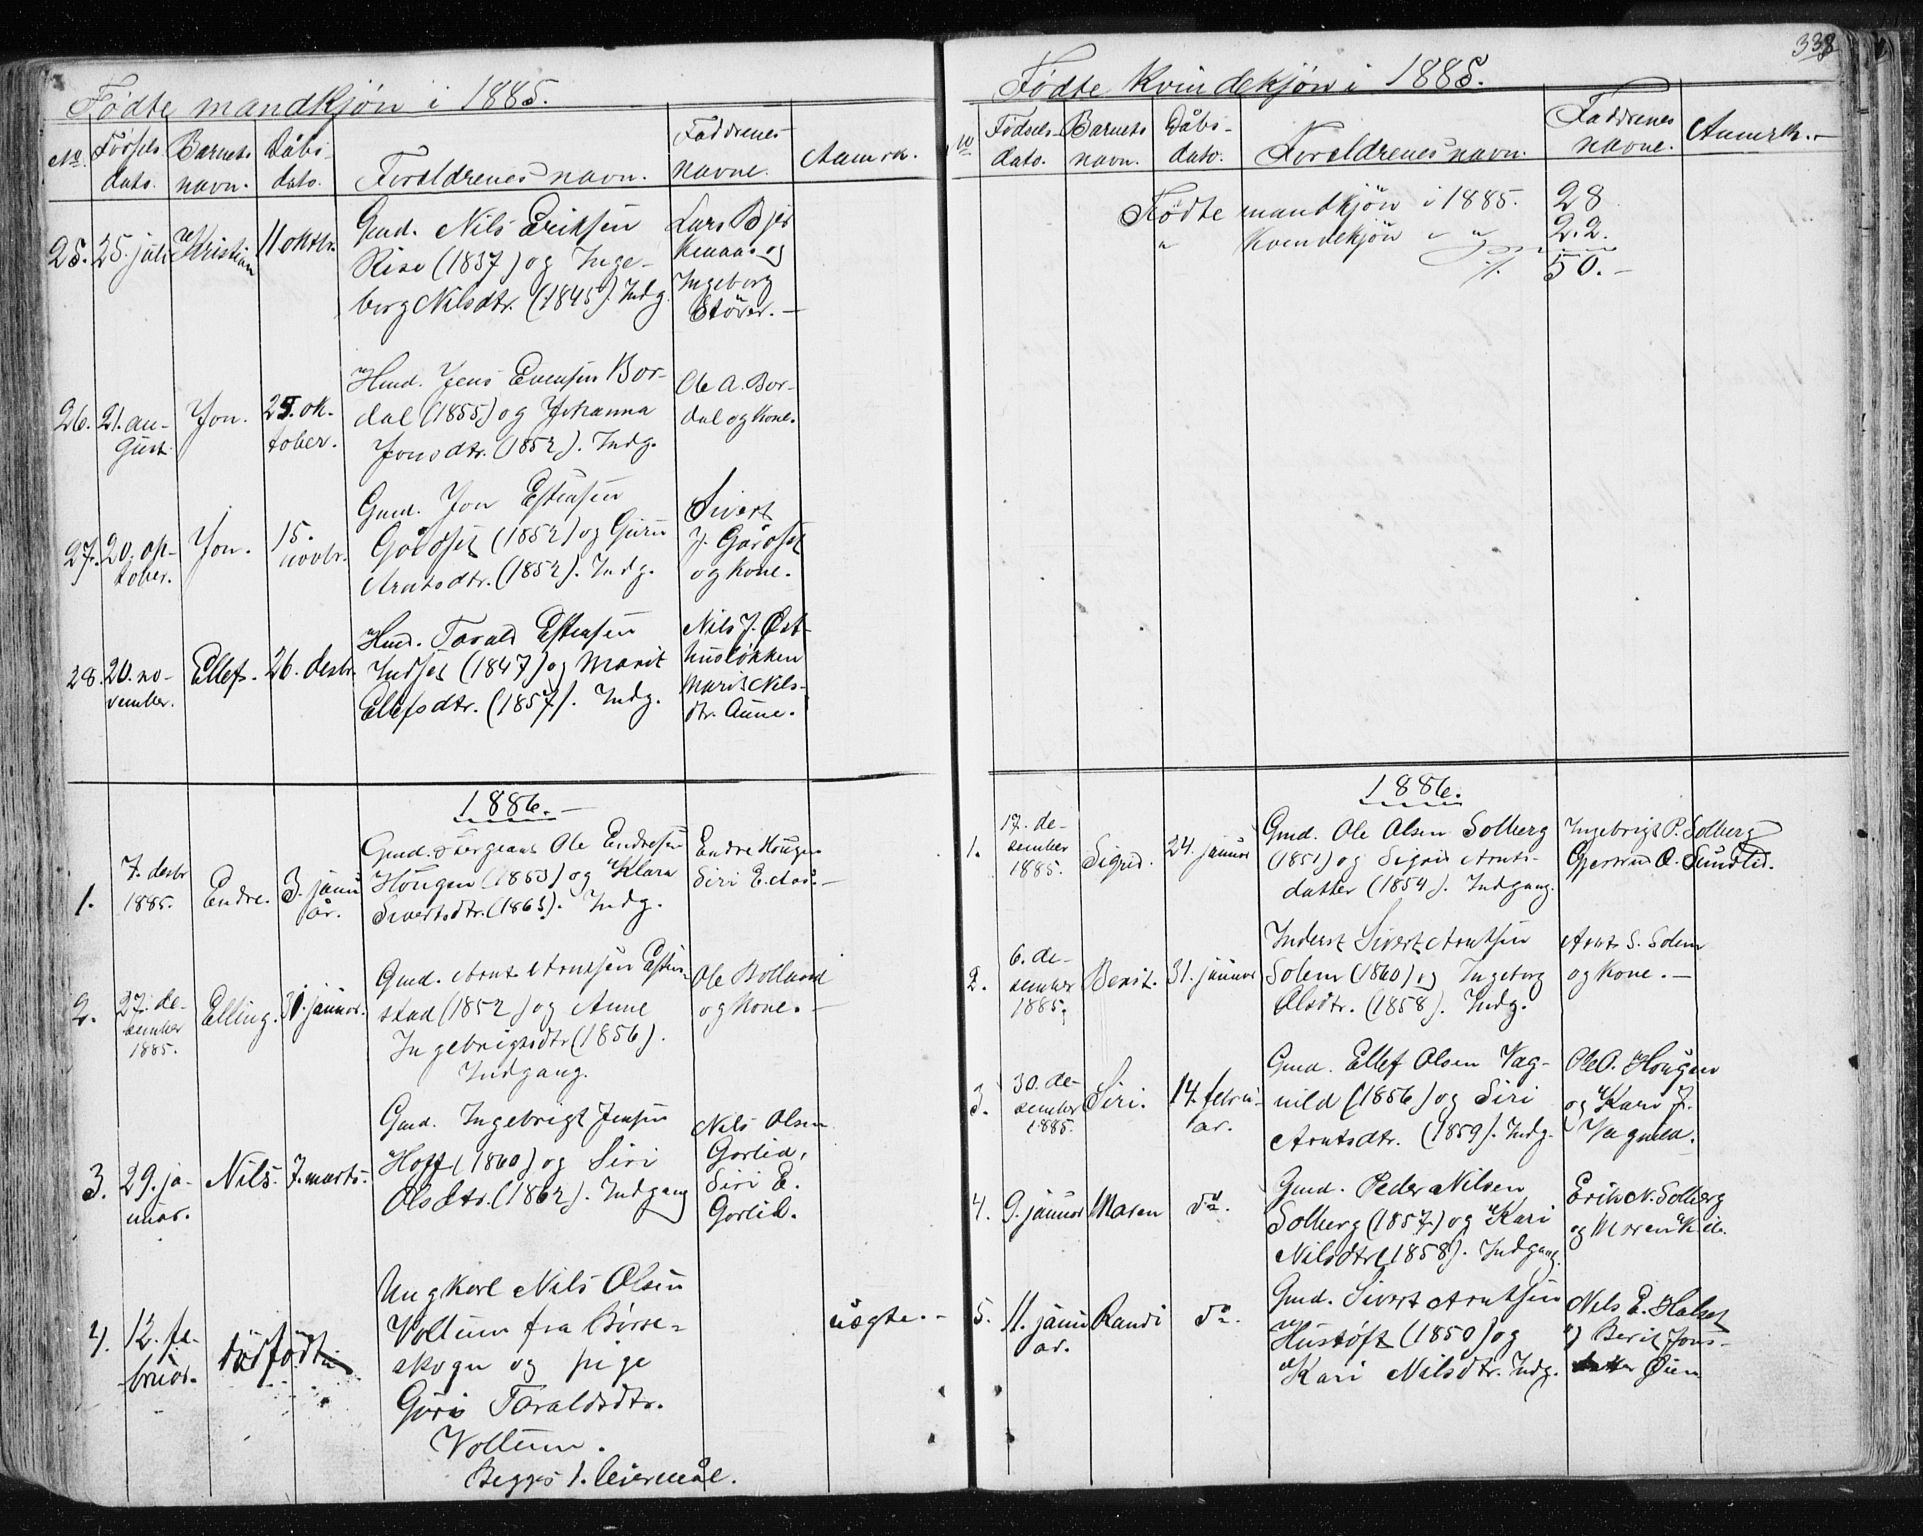 SAT, Ministerialprotokoller, klokkerbøker og fødselsregistre - Sør-Trøndelag, 689/L1043: Klokkerbok nr. 689C02, 1816-1892, s. 338